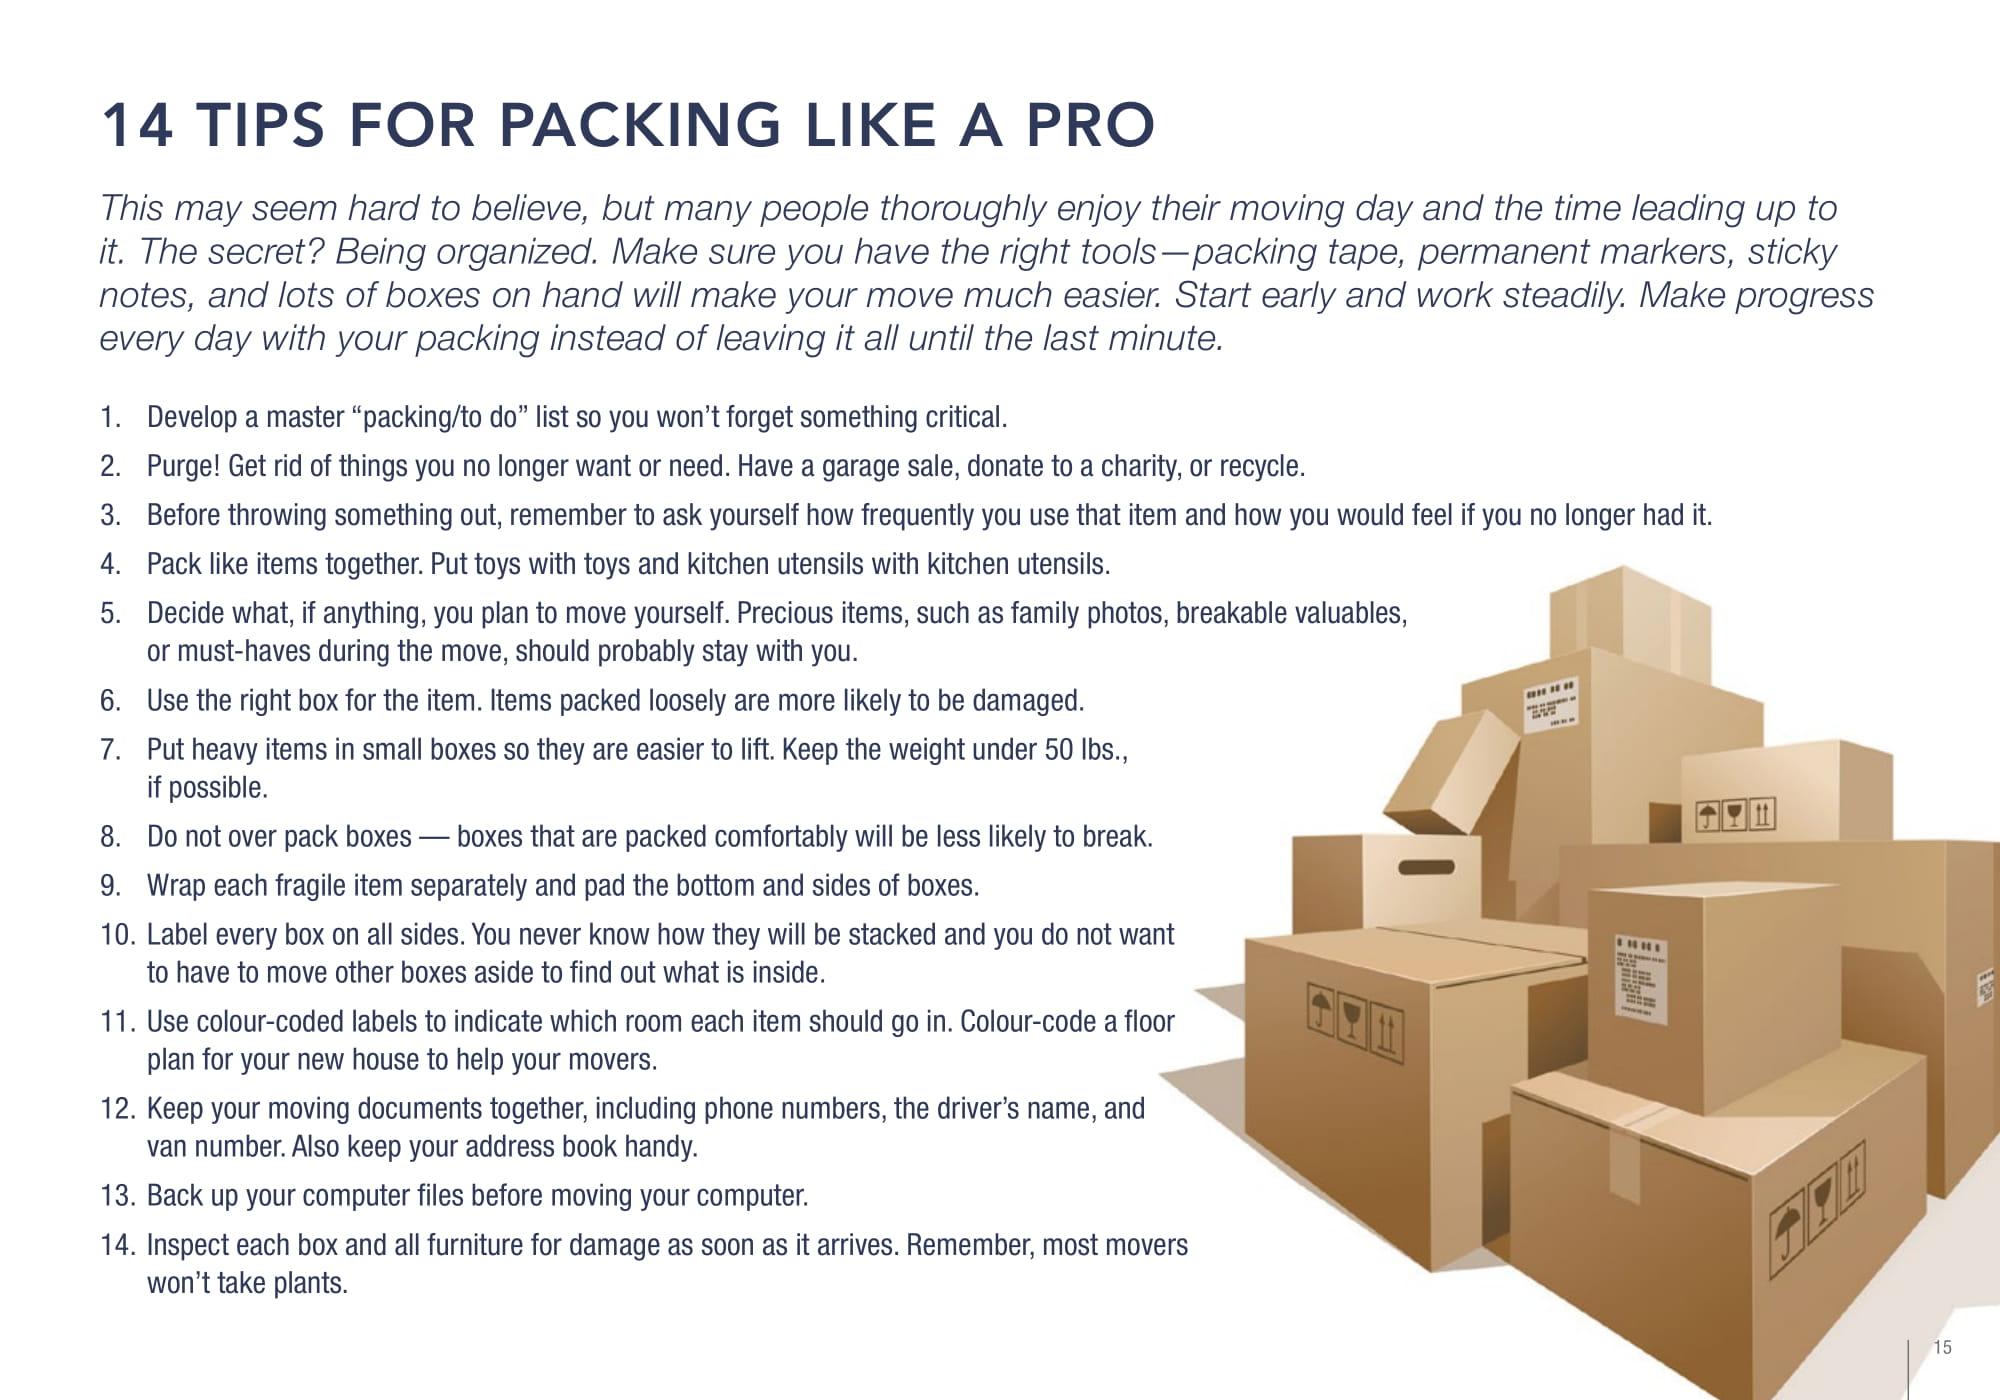 Christ Tarves Packing Tips